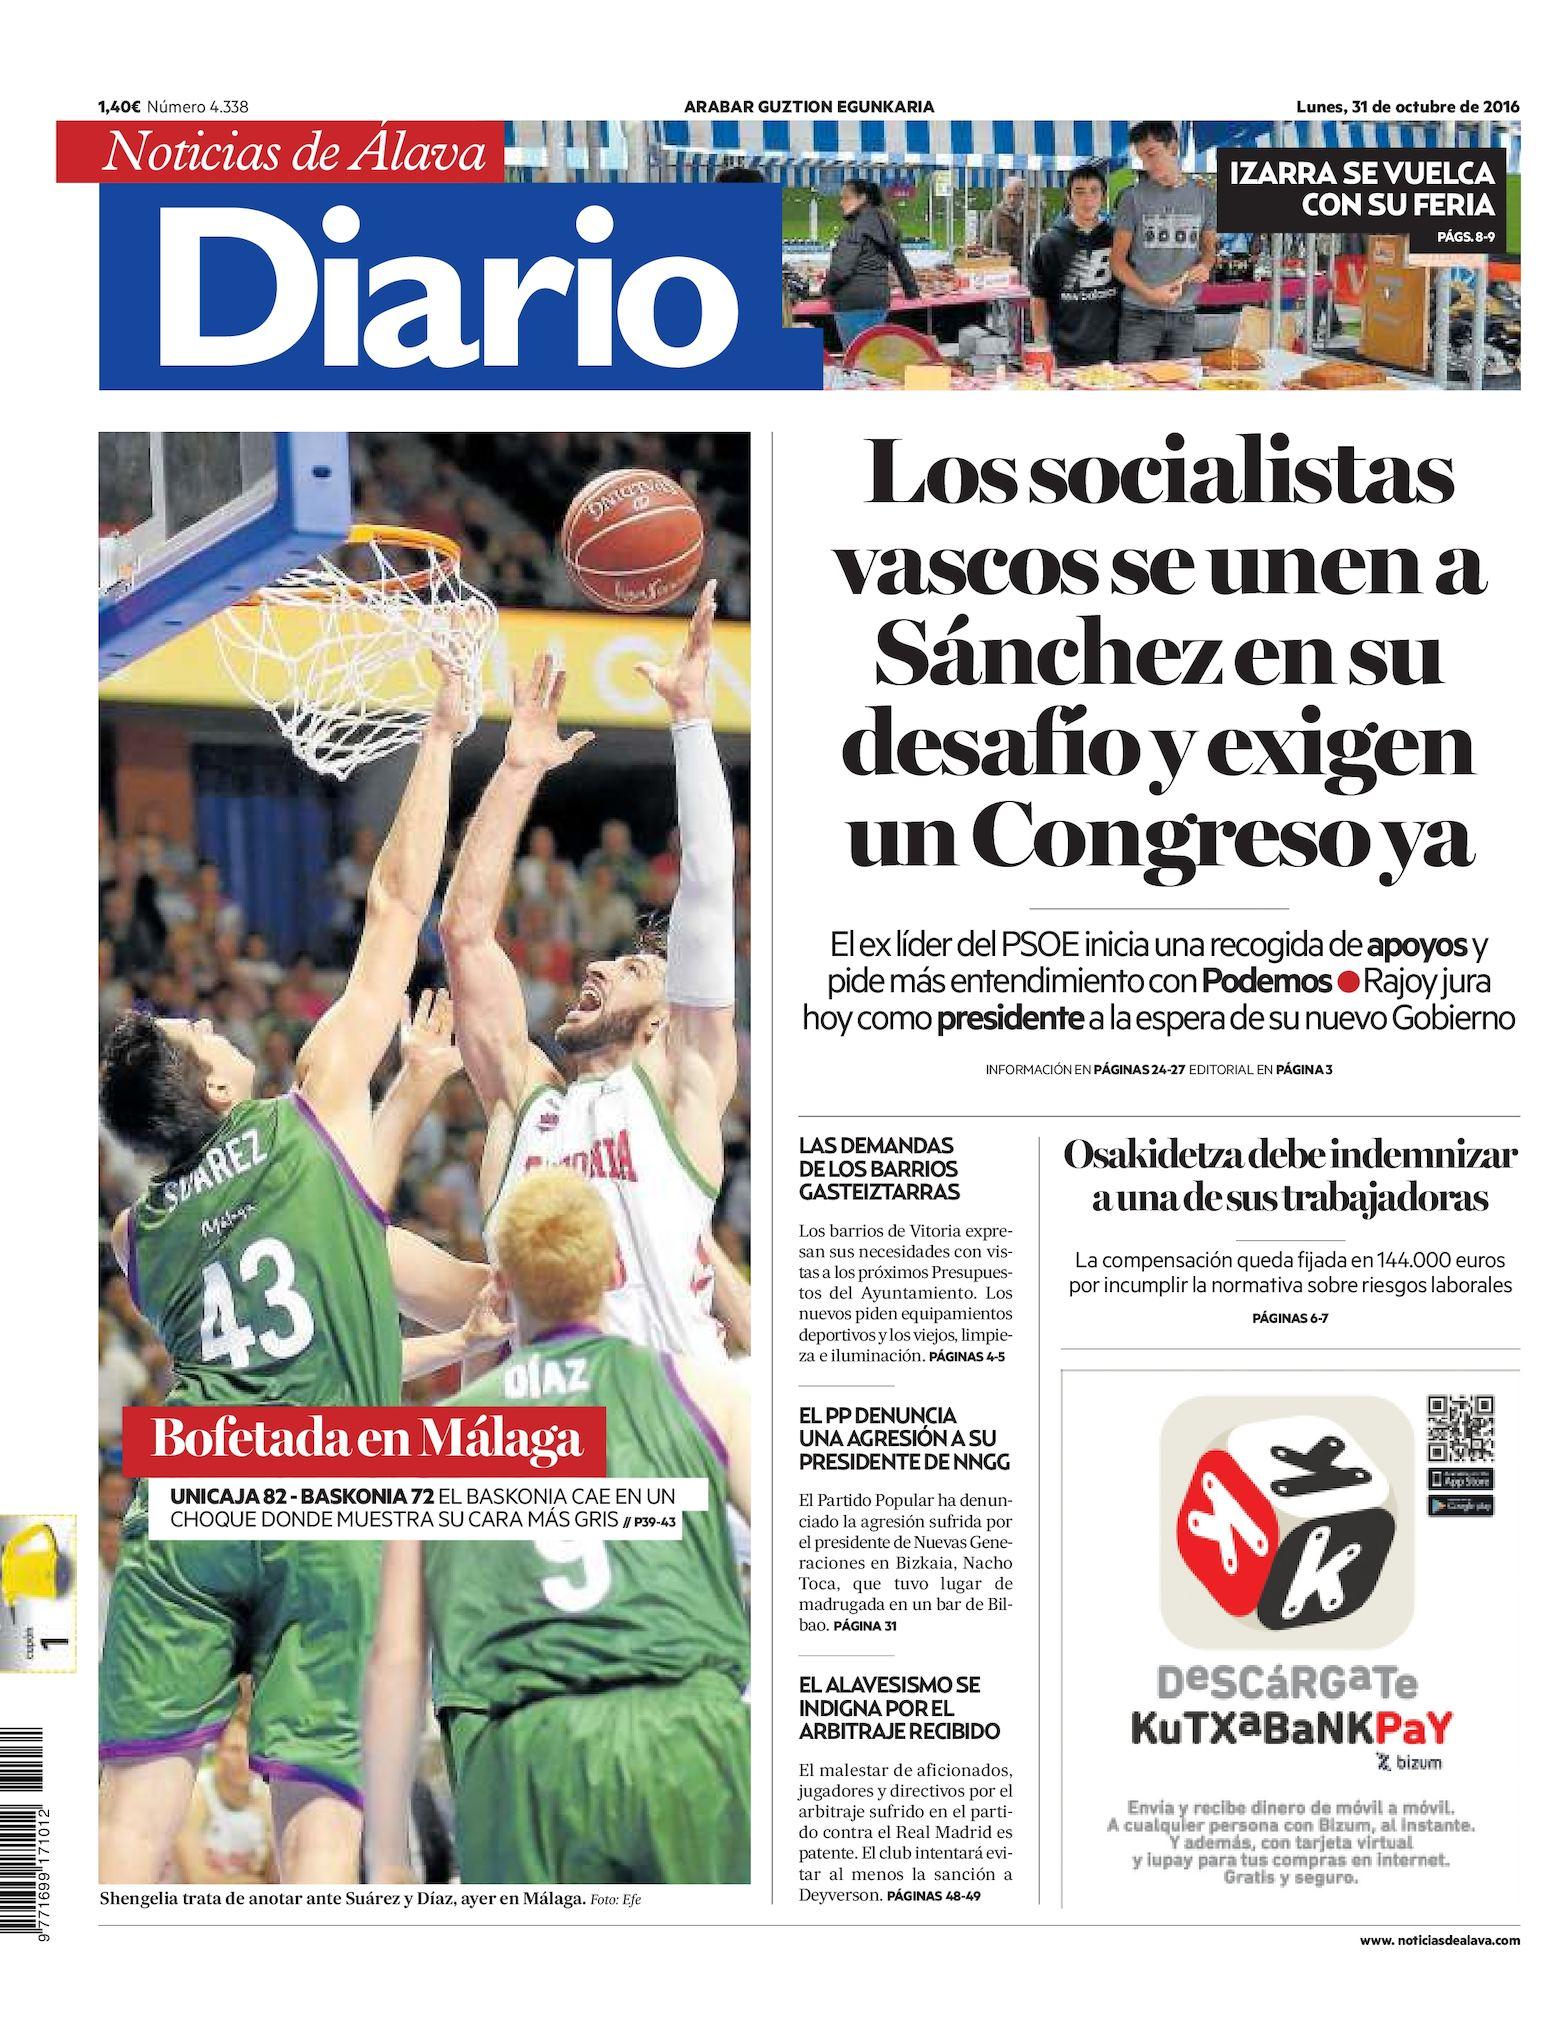 Calaméo - Diario de Noticias de Álava 20161031 9f3afbb2b8b69